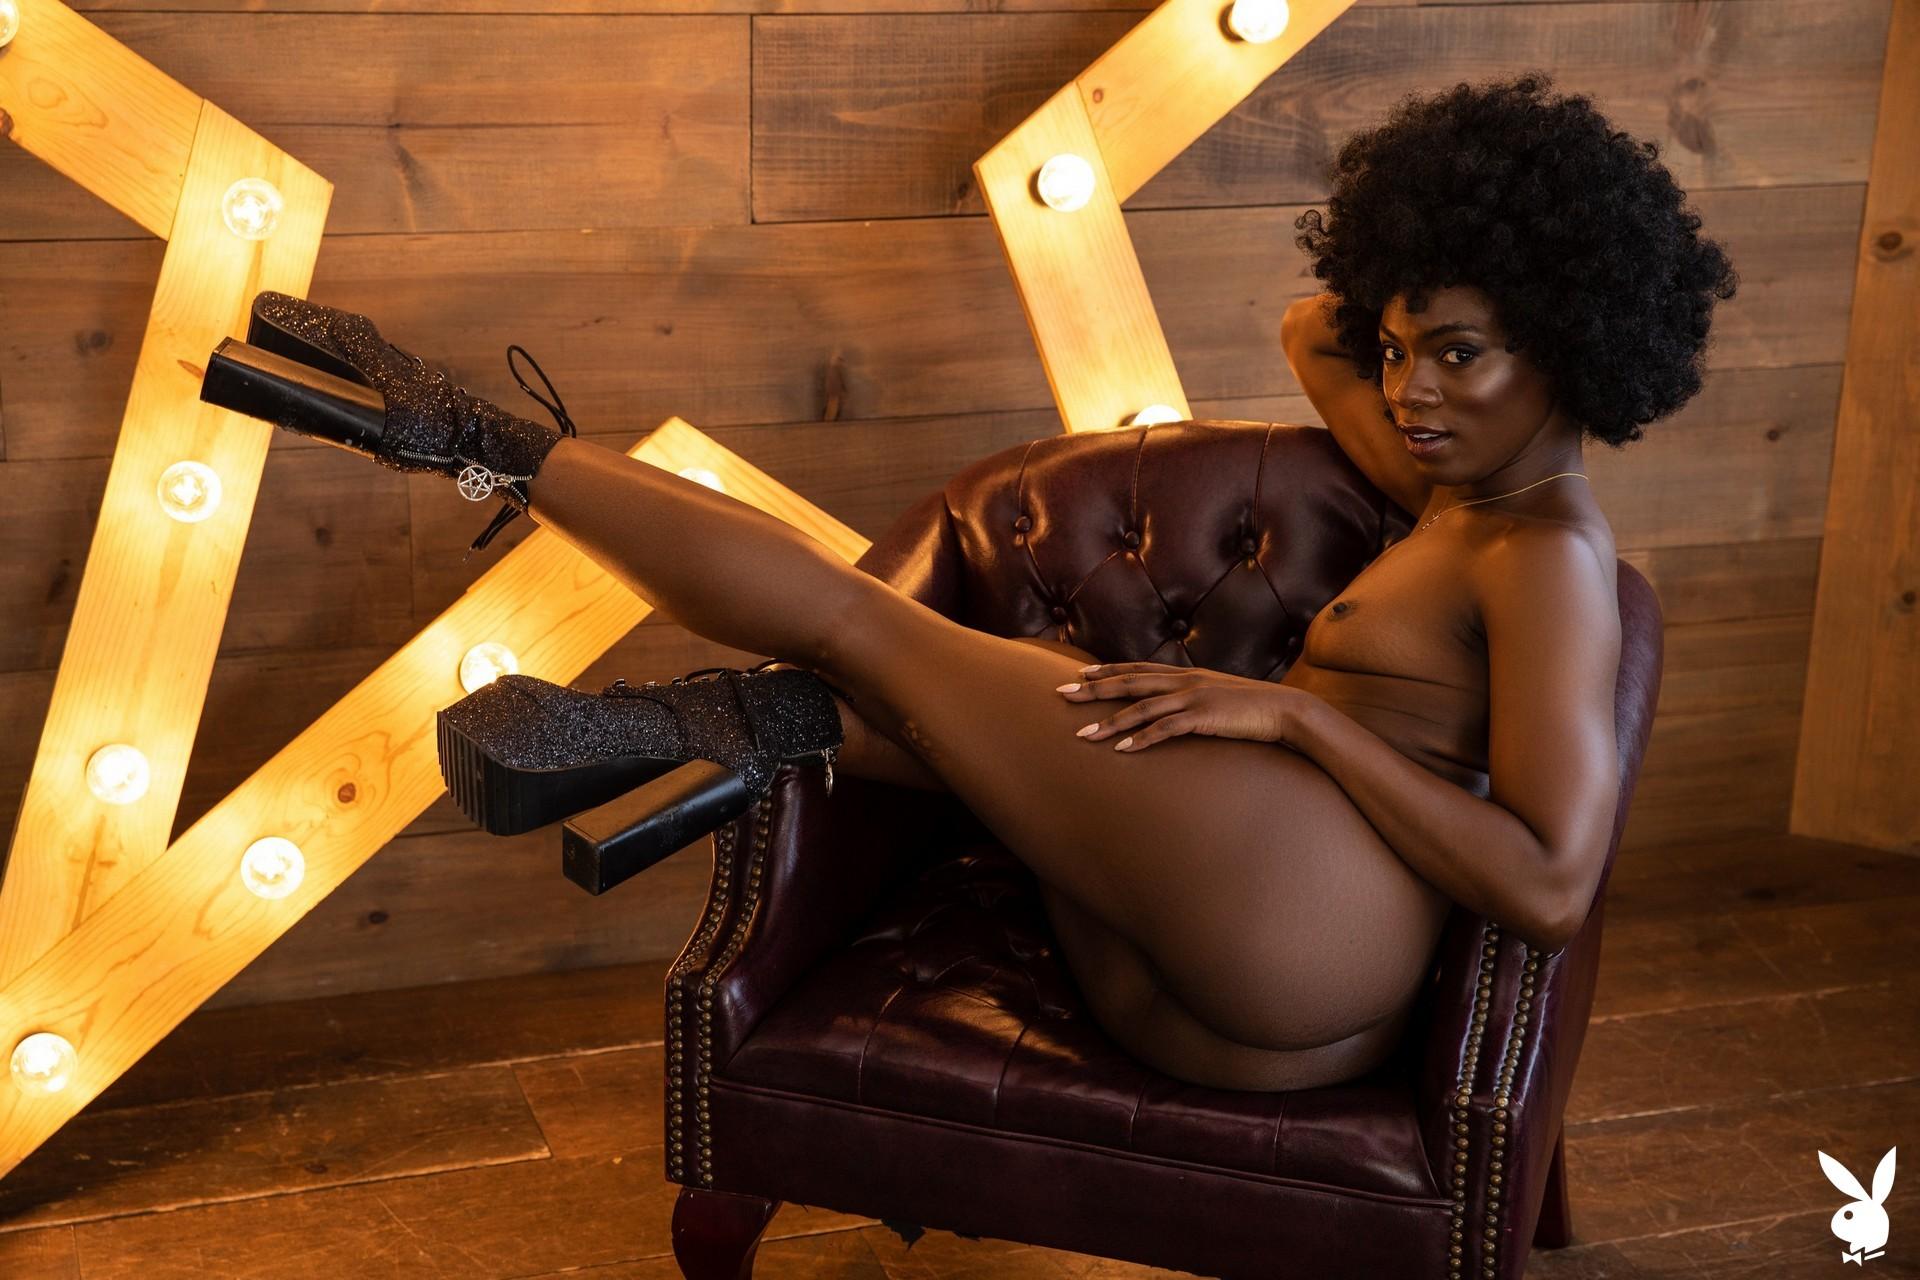 Playboy Plus: Ana Foxxx in Supernova